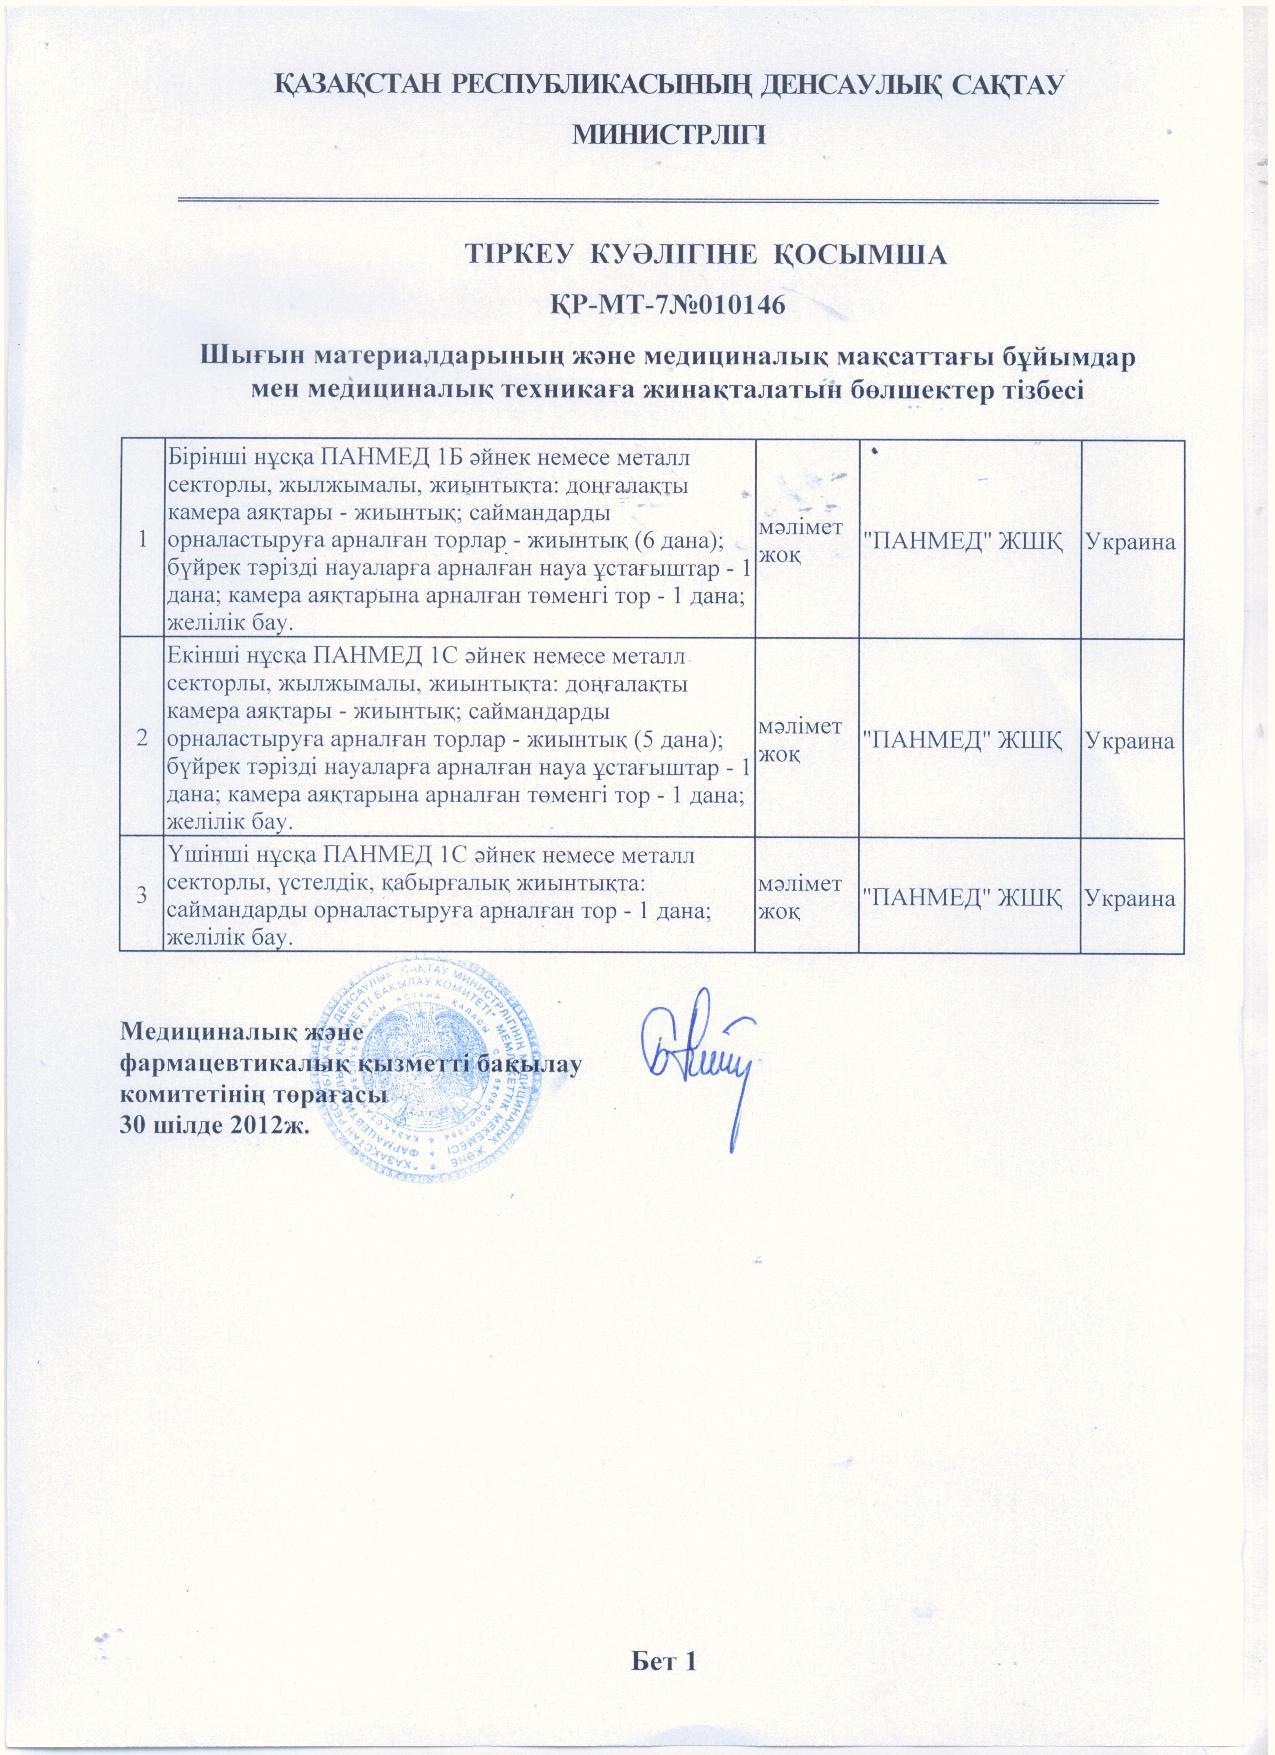 Регистрационное удостоверение Министерства здравоохранения Республики Казахстан